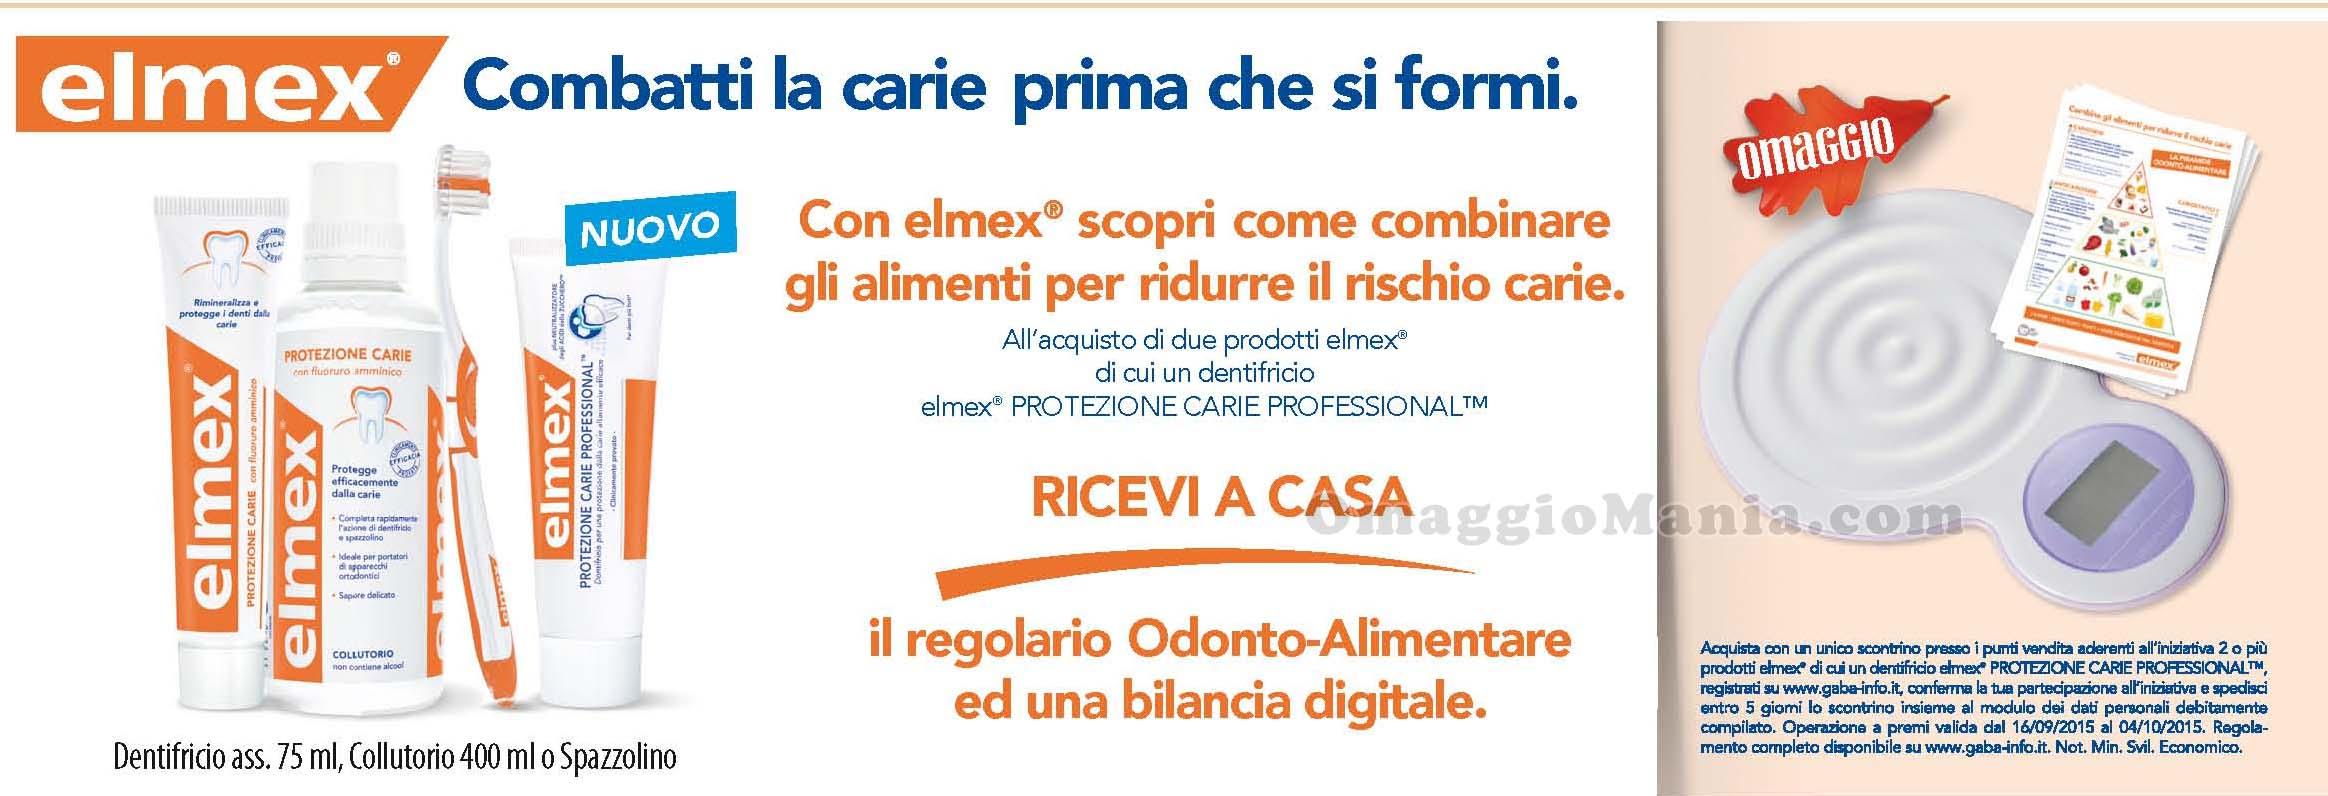 bilancia digitale e regolario in omaggio con Elmex e Acqua&Sapone